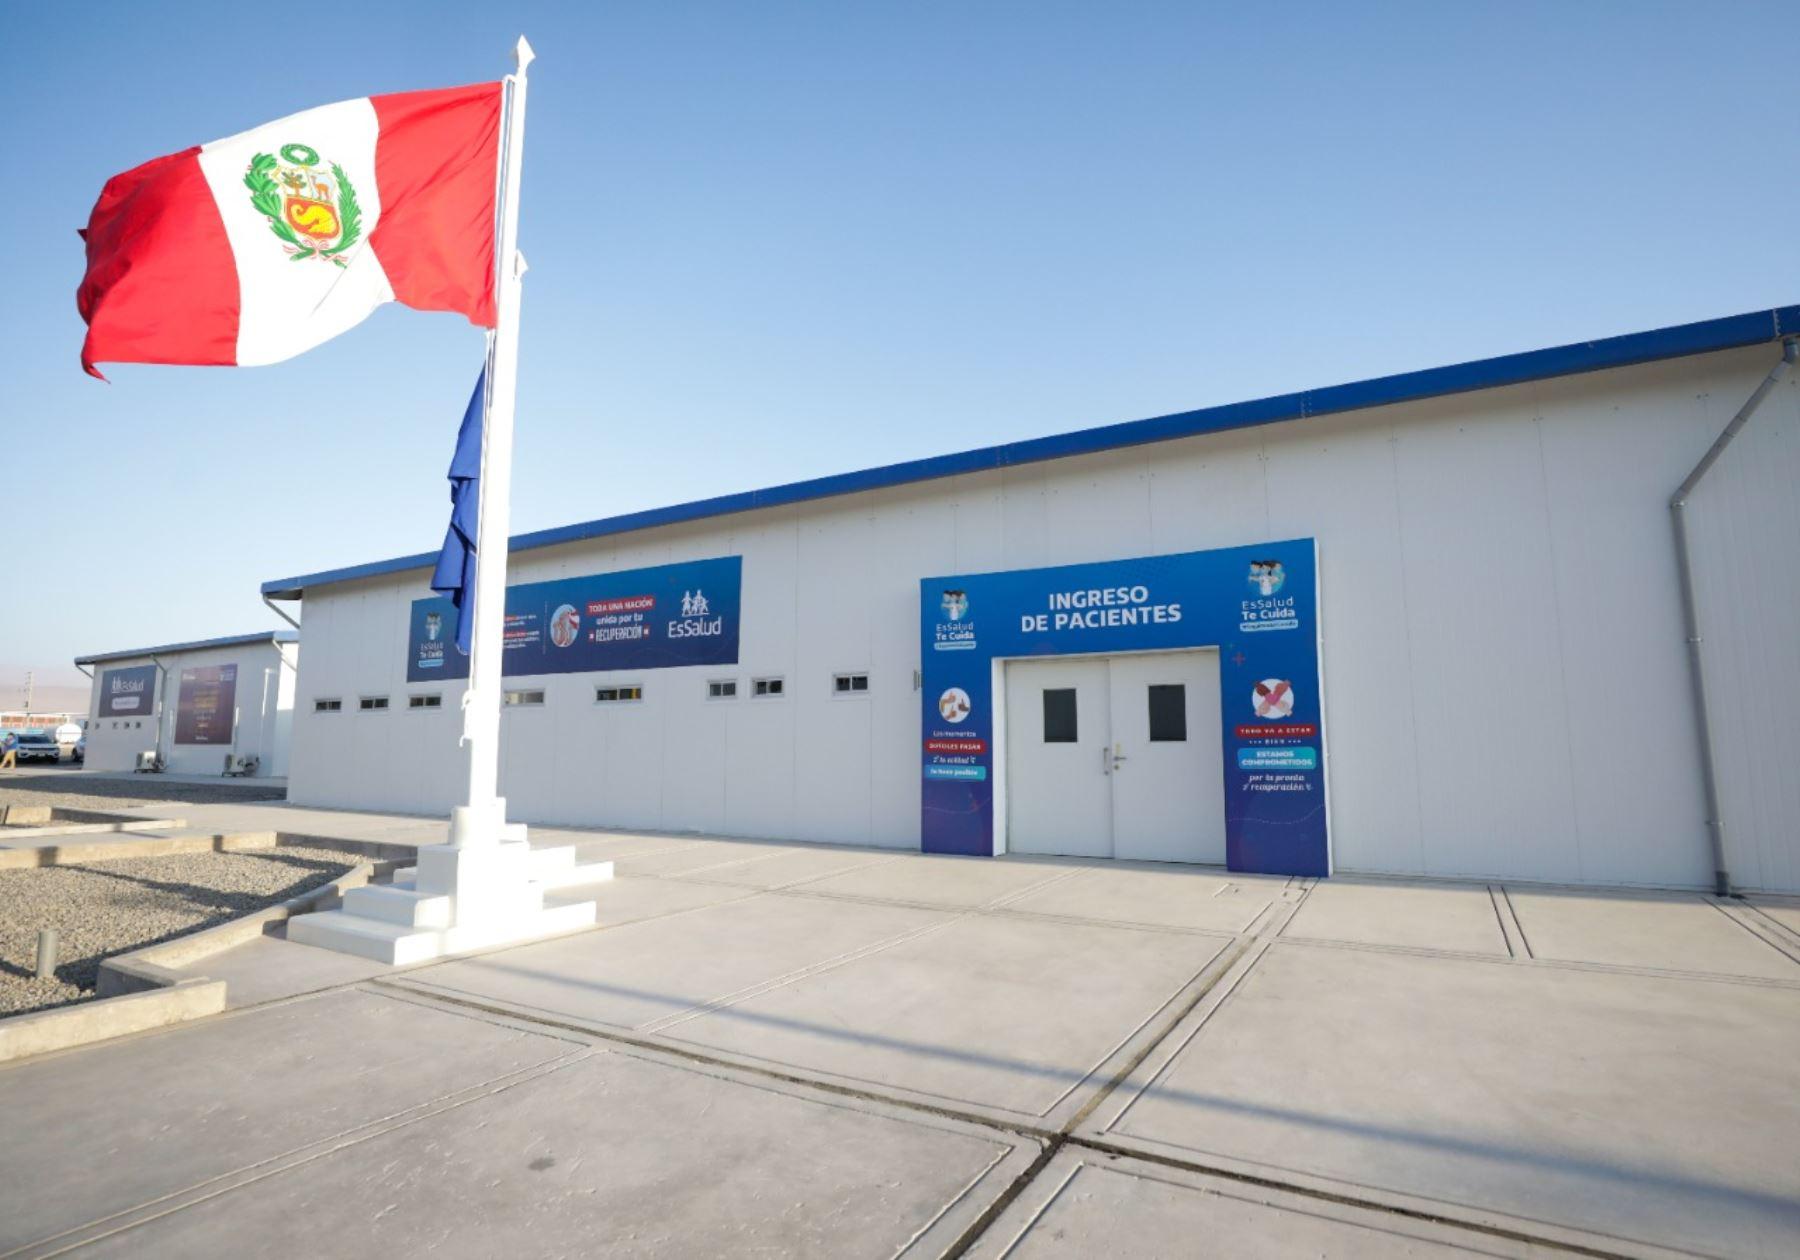 Presidente Martín Vizcarra inspecciona Hospital Viñani de Essalud en Tacna. Foto: ANDINA/Prensa Presidencia